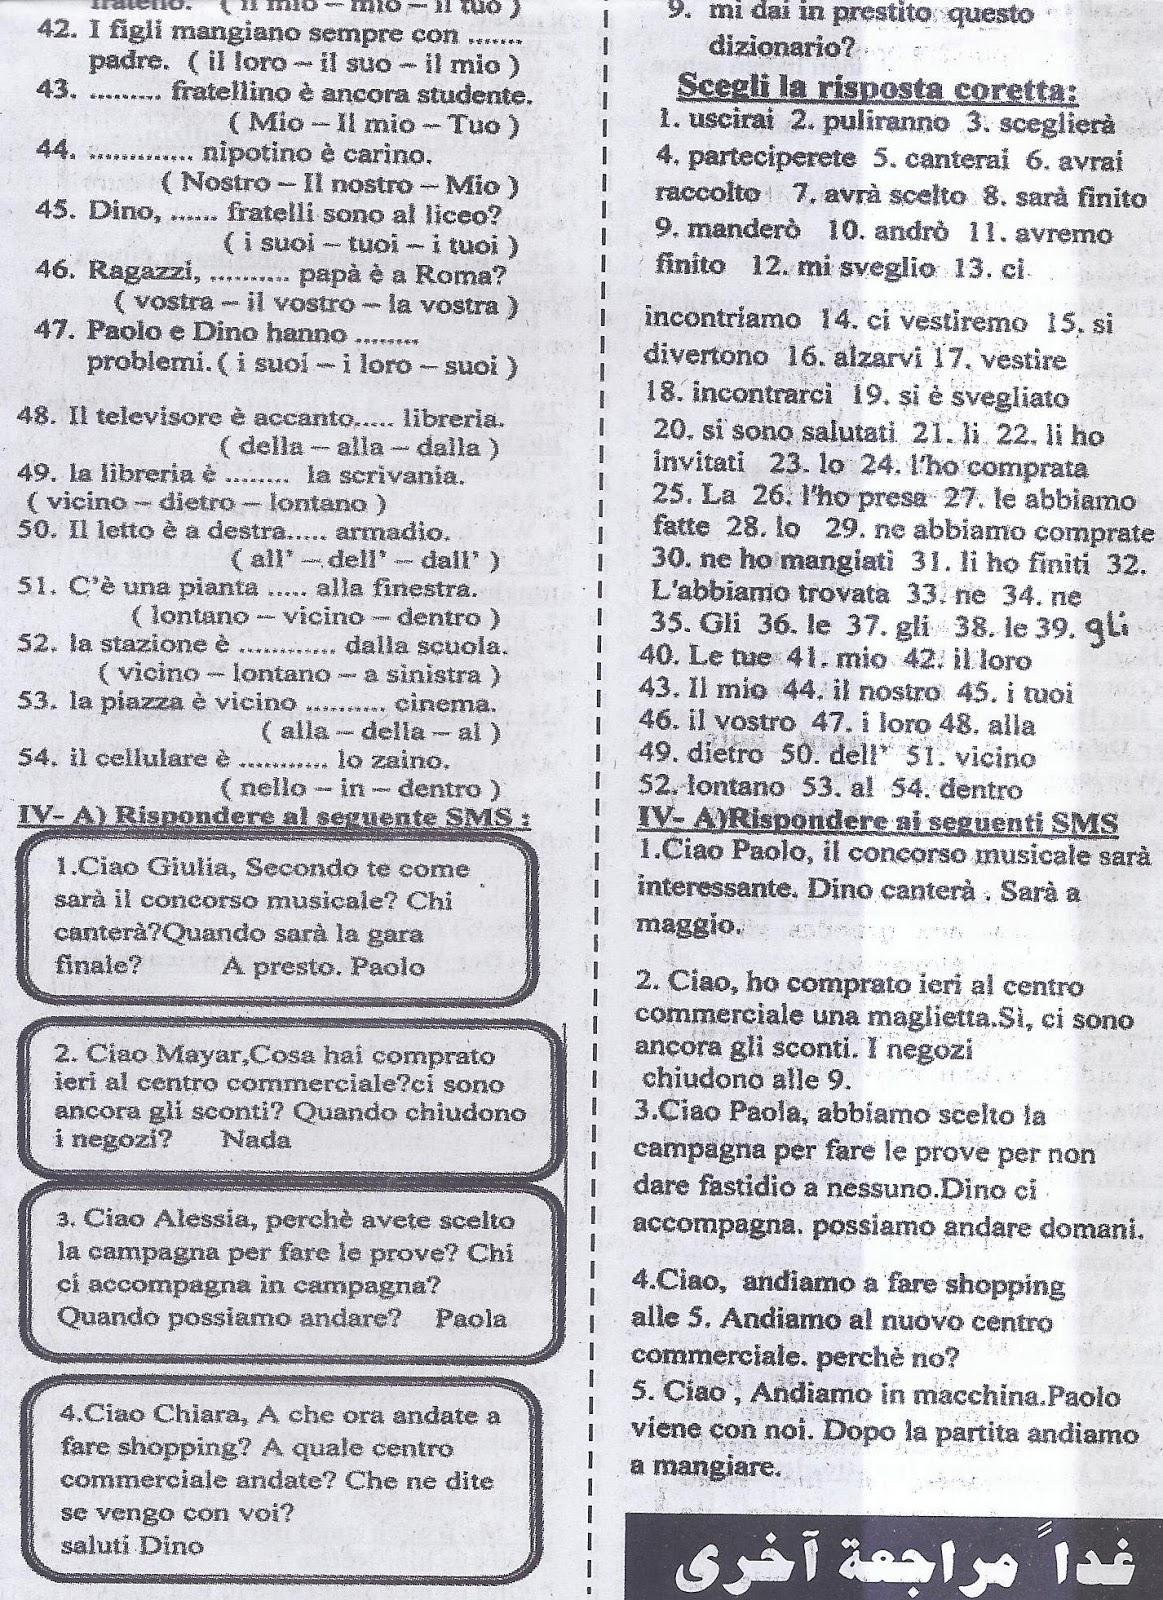 أهم أسئلة اللغة الإيطالية المتوقعة لامتحان الثانوية العامة 2016 .. بالاجابات 15